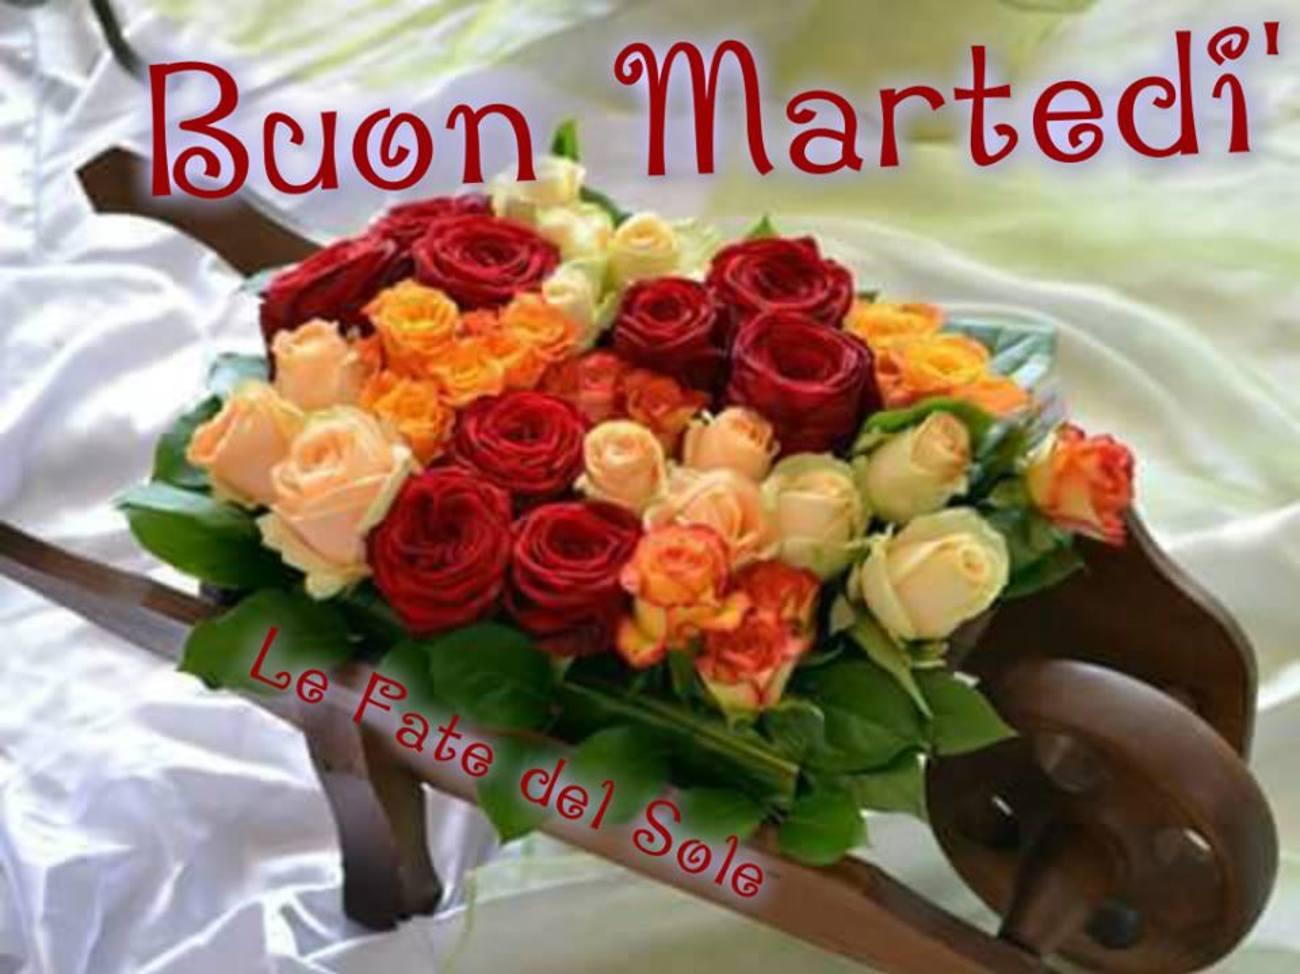 Buon Martedì Immagini Belle Buongiorno Immaginiit